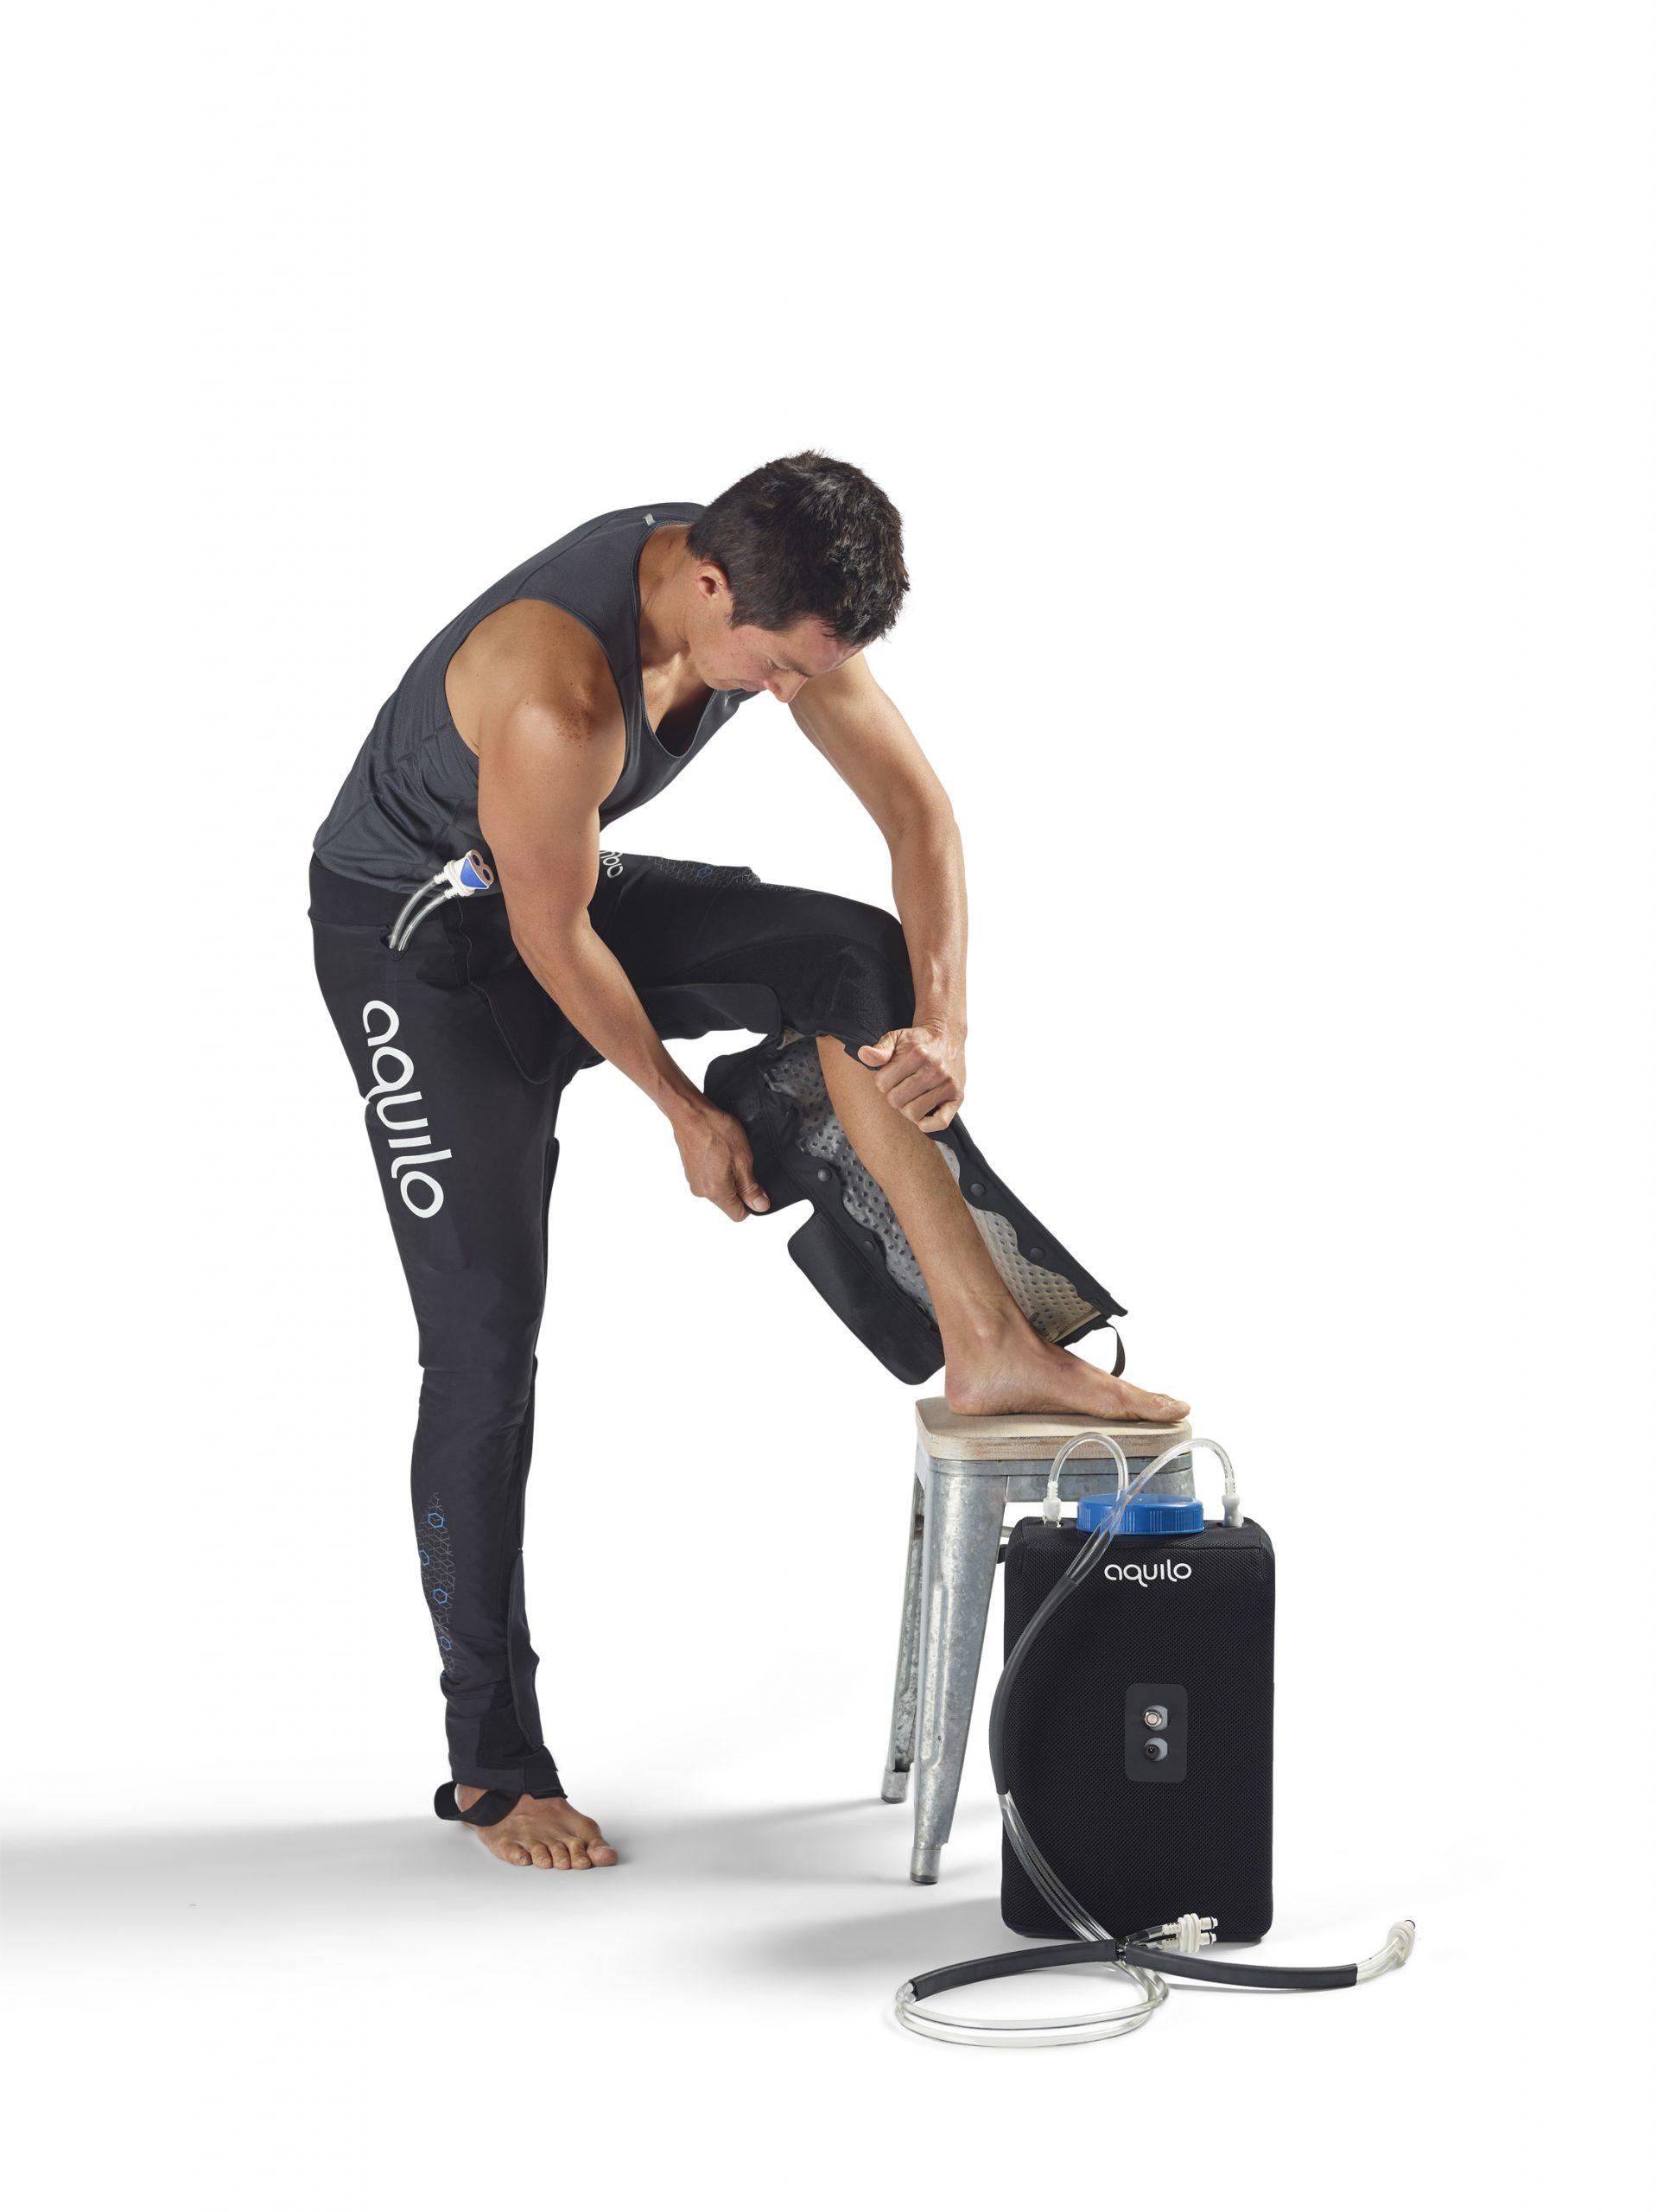 Savremena fizioterapija - Čovek obuva čizme iz seta za kriokompresiju AQUILO